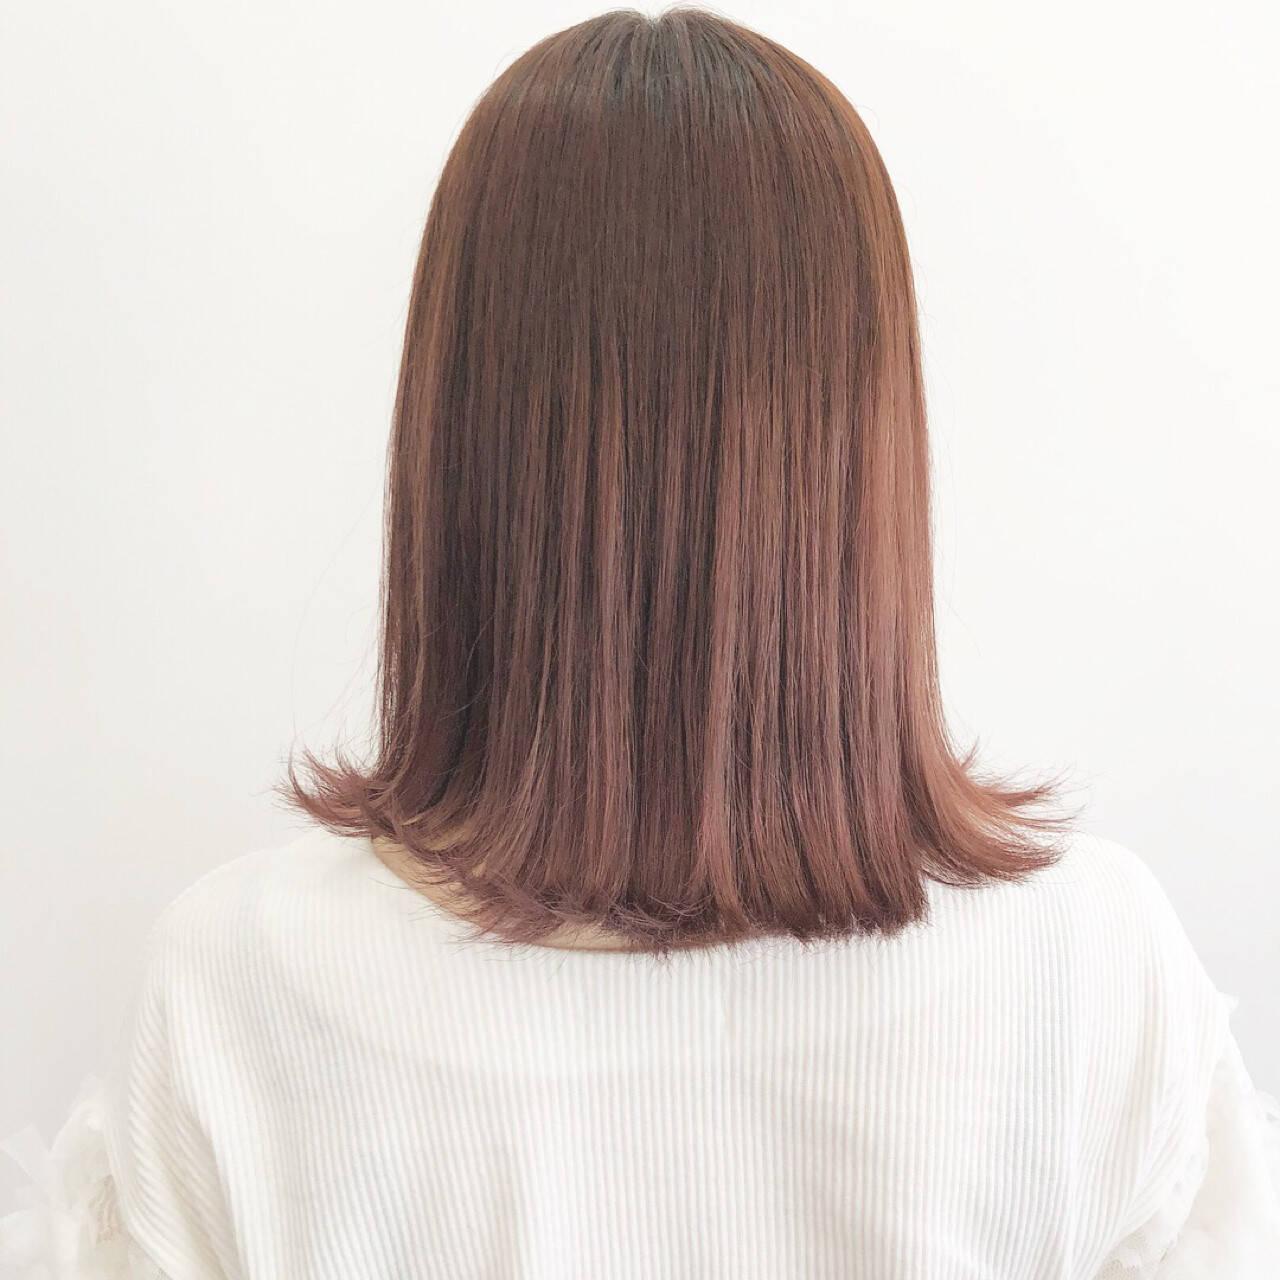 大人女子 ミディアム ブリーチ イルミナカラーヘアスタイルや髪型の写真・画像